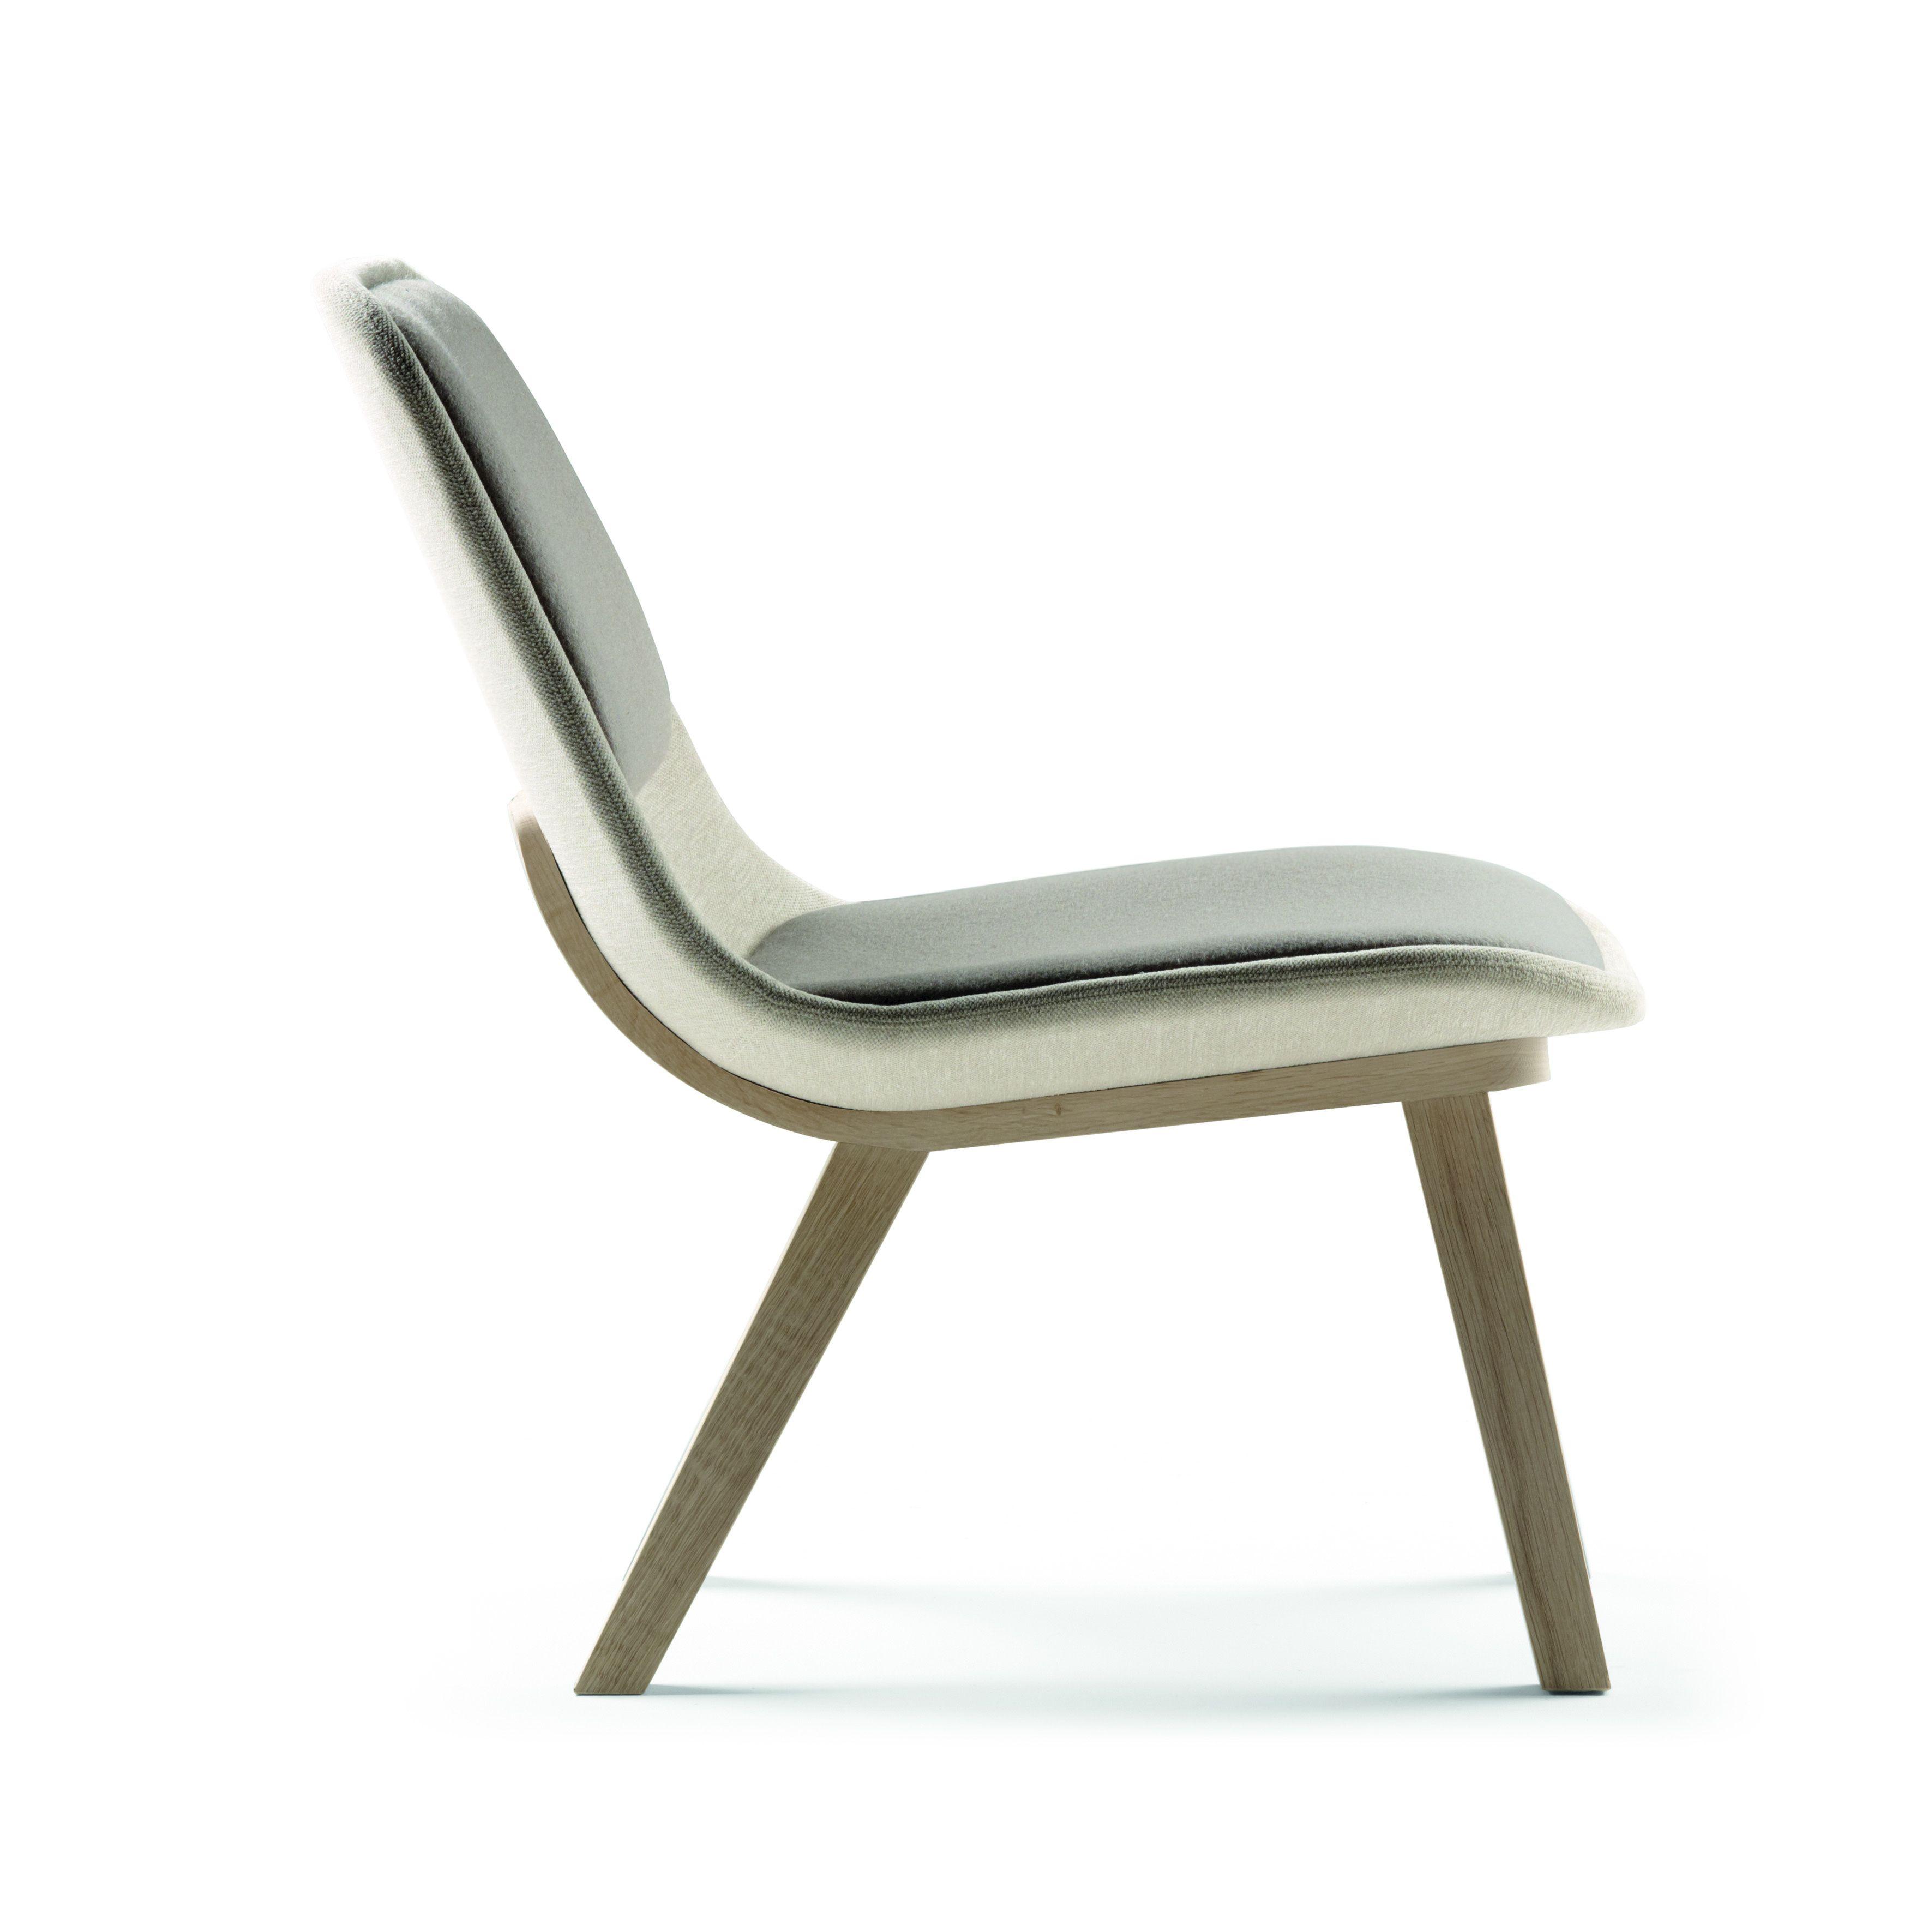 petit fauteuil rembourr en tissu collection kuskoa by. Black Bedroom Furniture Sets. Home Design Ideas